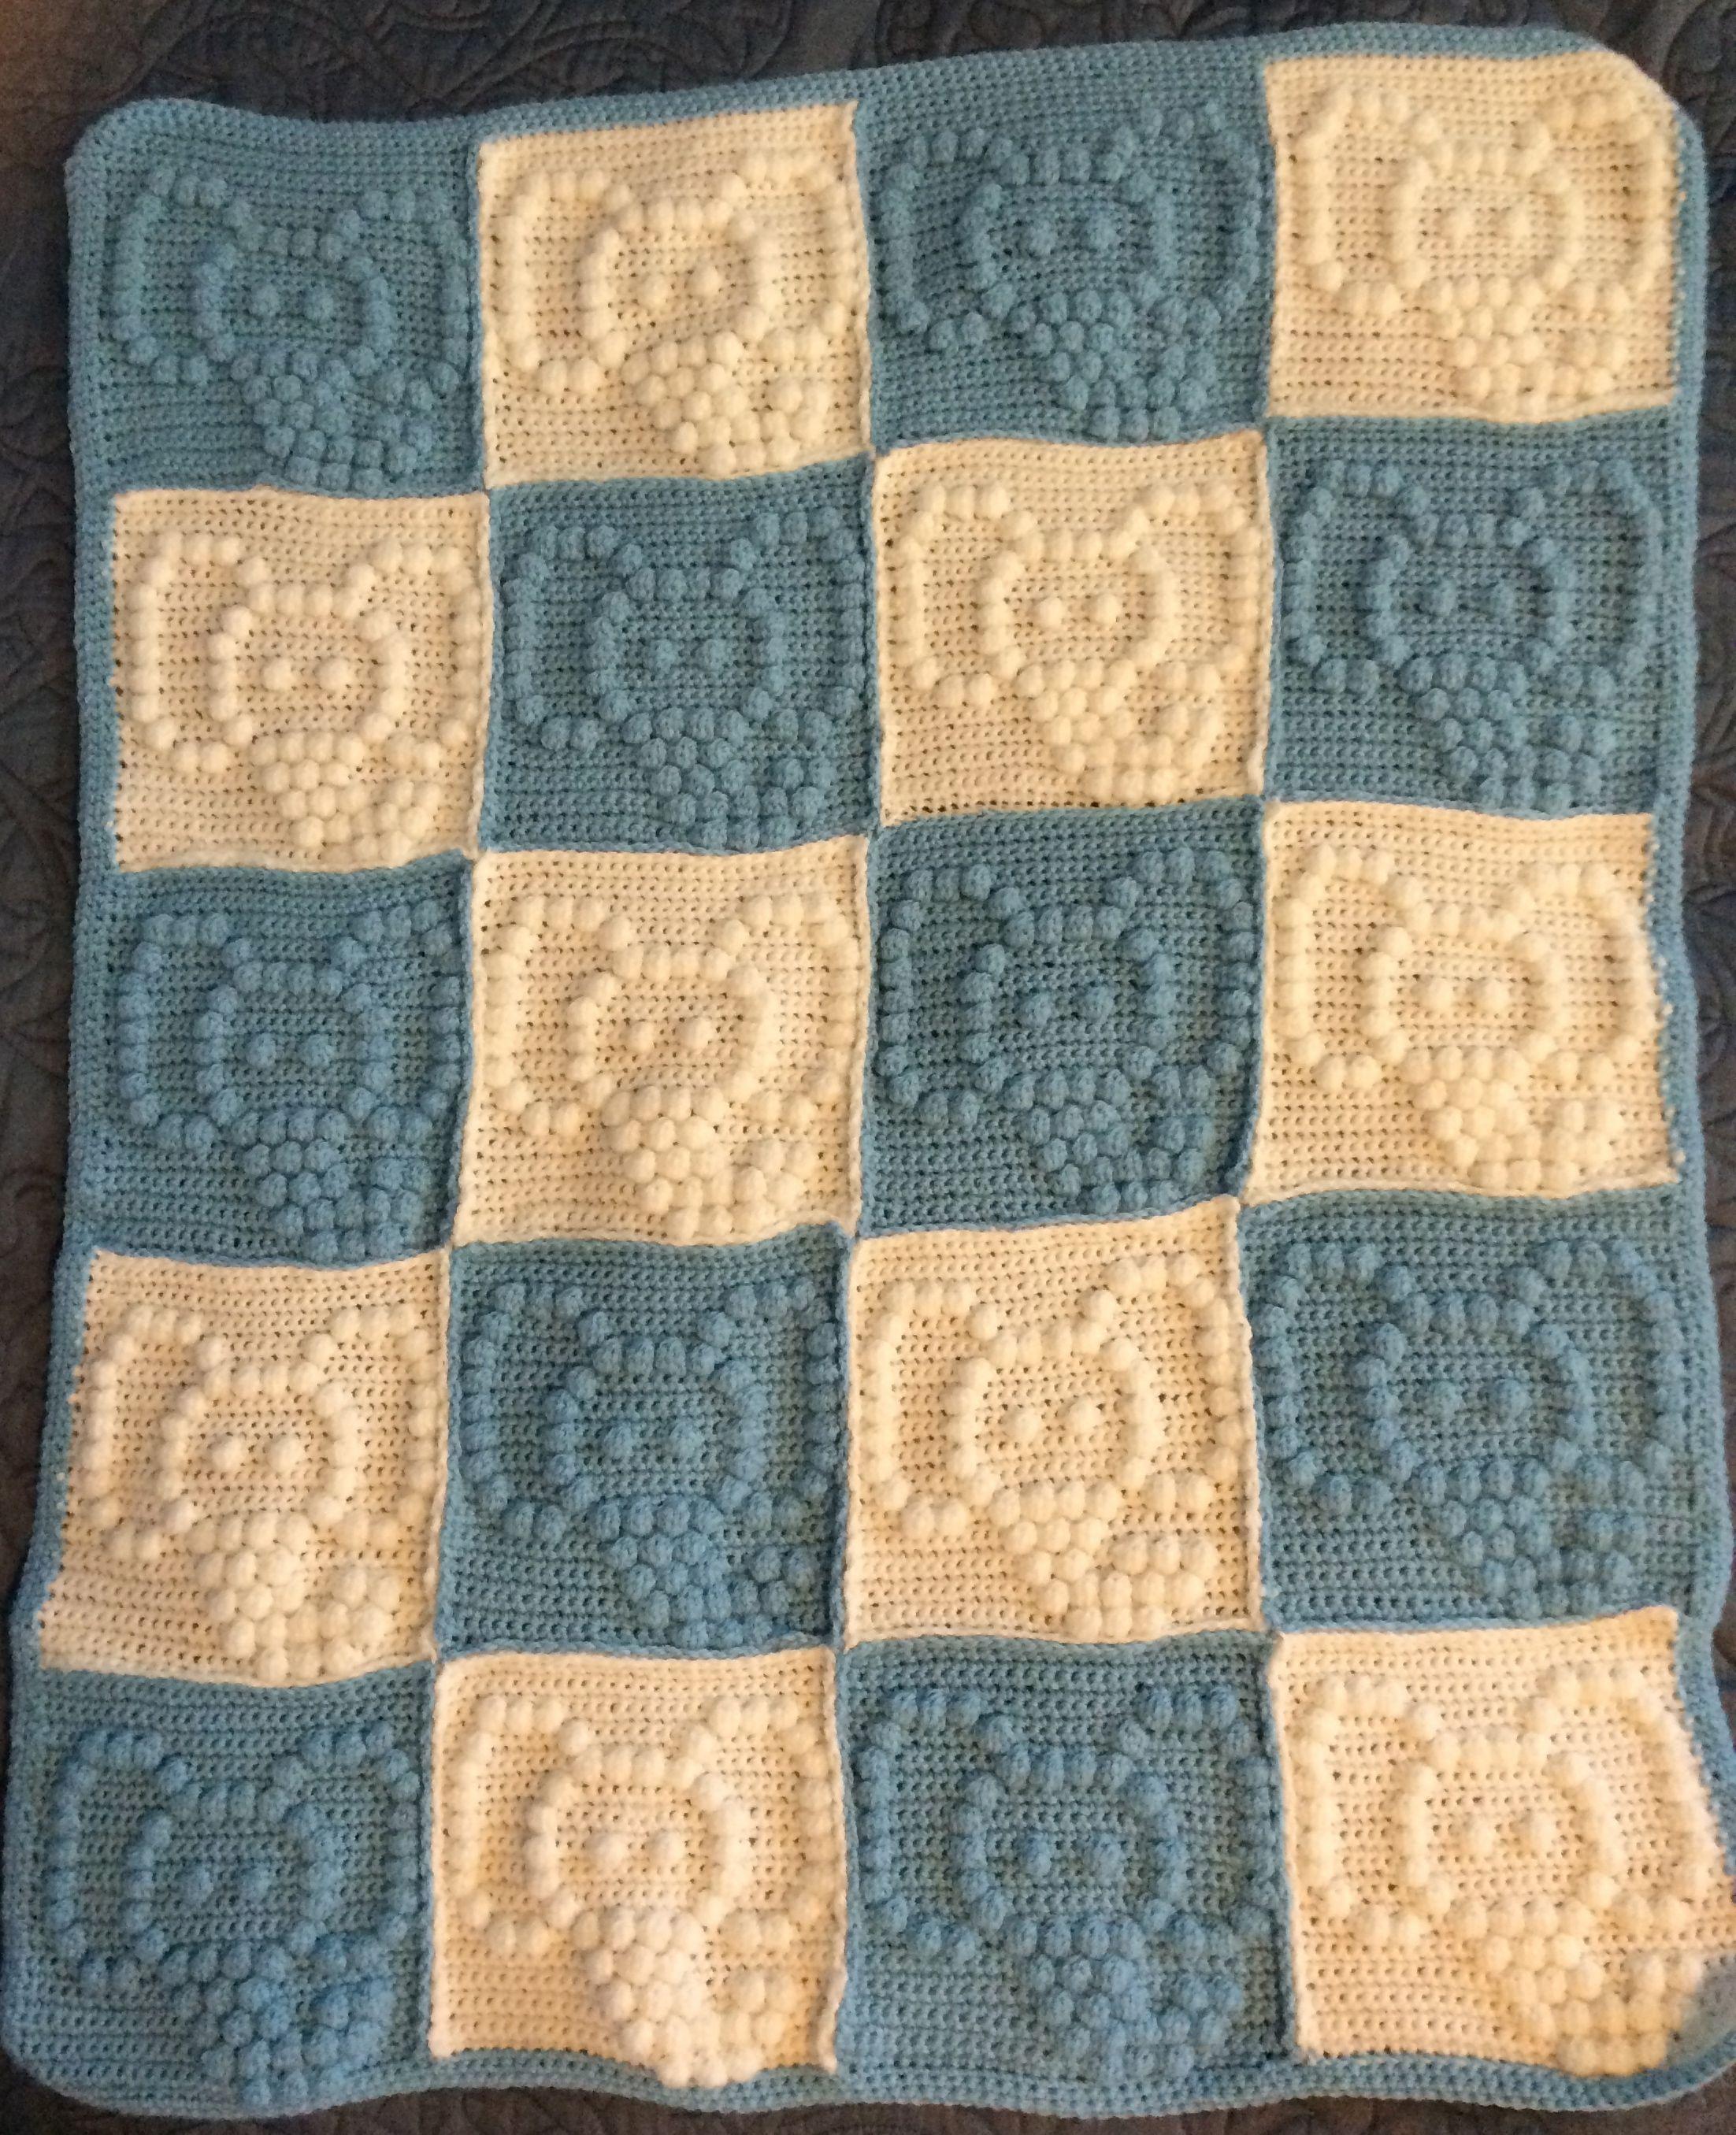 f89b7d34952888245acd9097a92d1e48.jpg (2204×2711) | Baby quilts ...